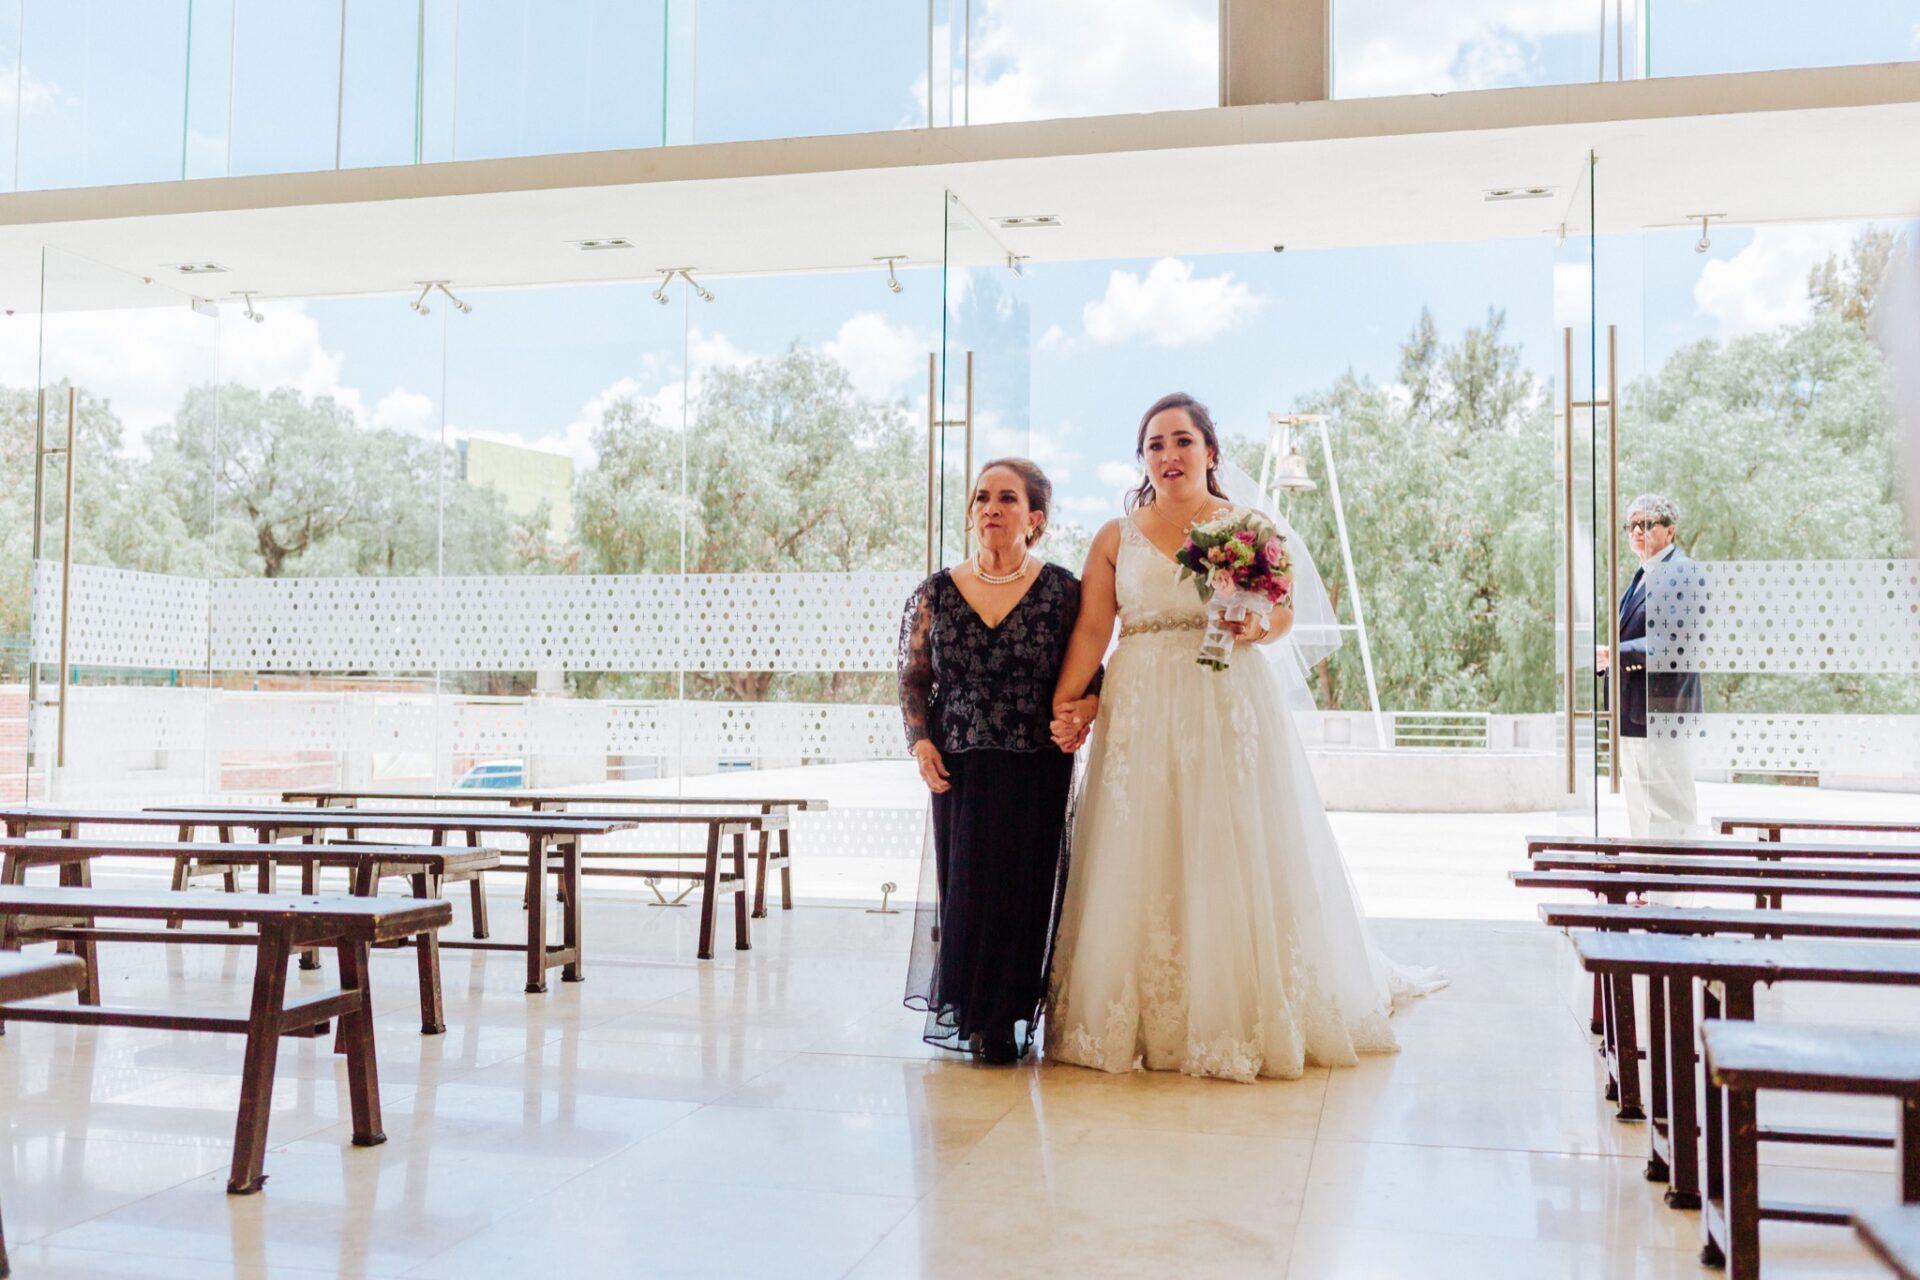 javier_noriega_fotografo_bodas_los_gaviones_zacatecas_wedding_photographer3